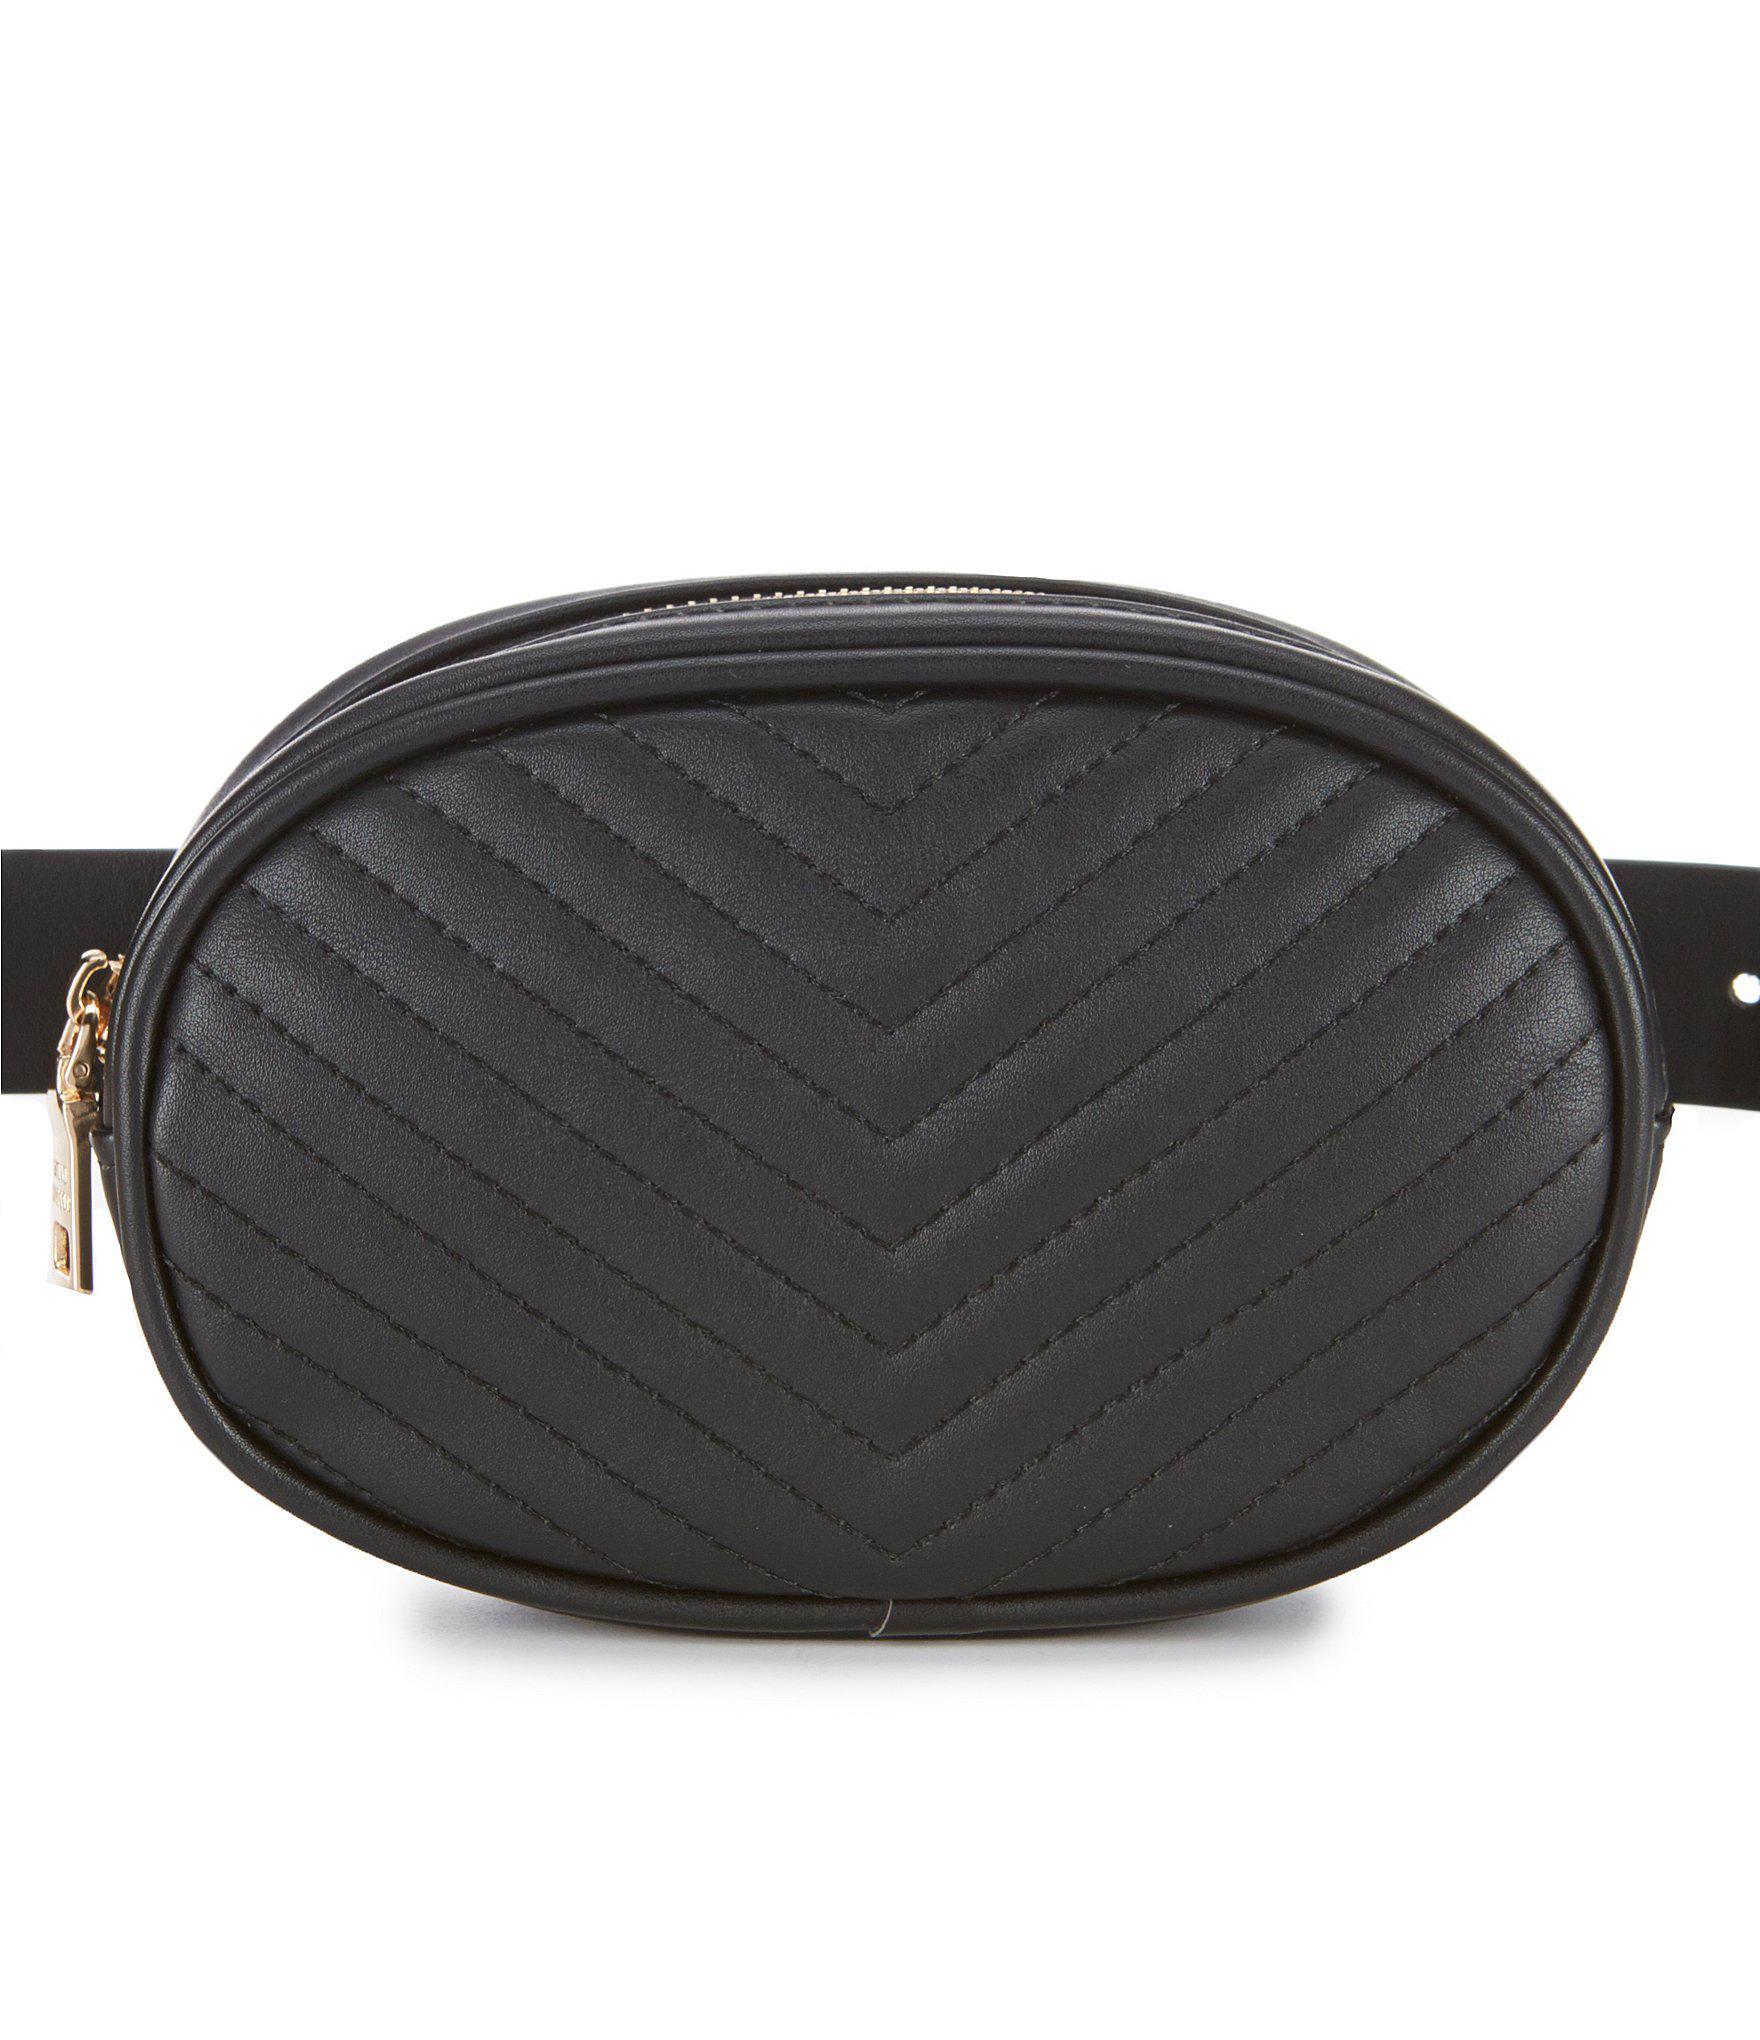 14979122e577 Steve Madden - Black Quilted Belt Bag - Lyst. View fullscreen